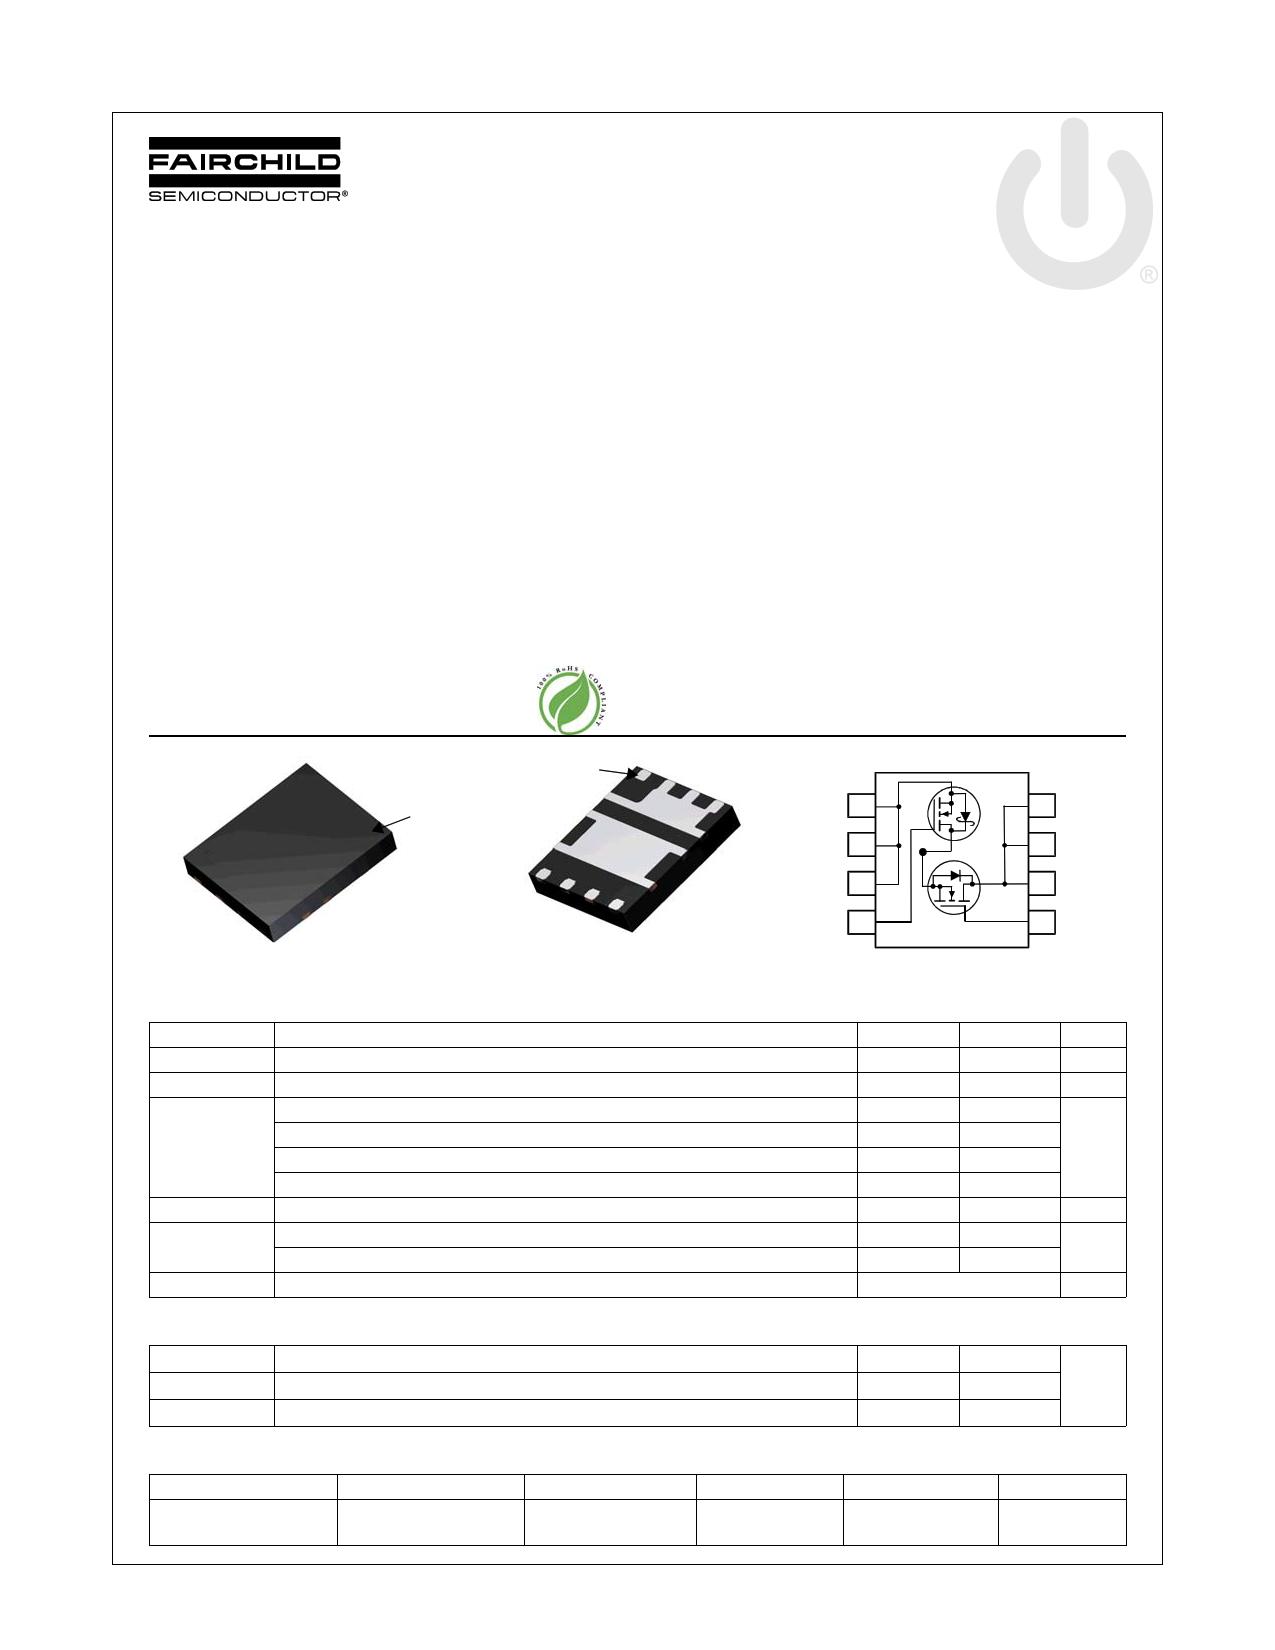 FDMS3620S 데이터시트 및 FDMS3620S PDF